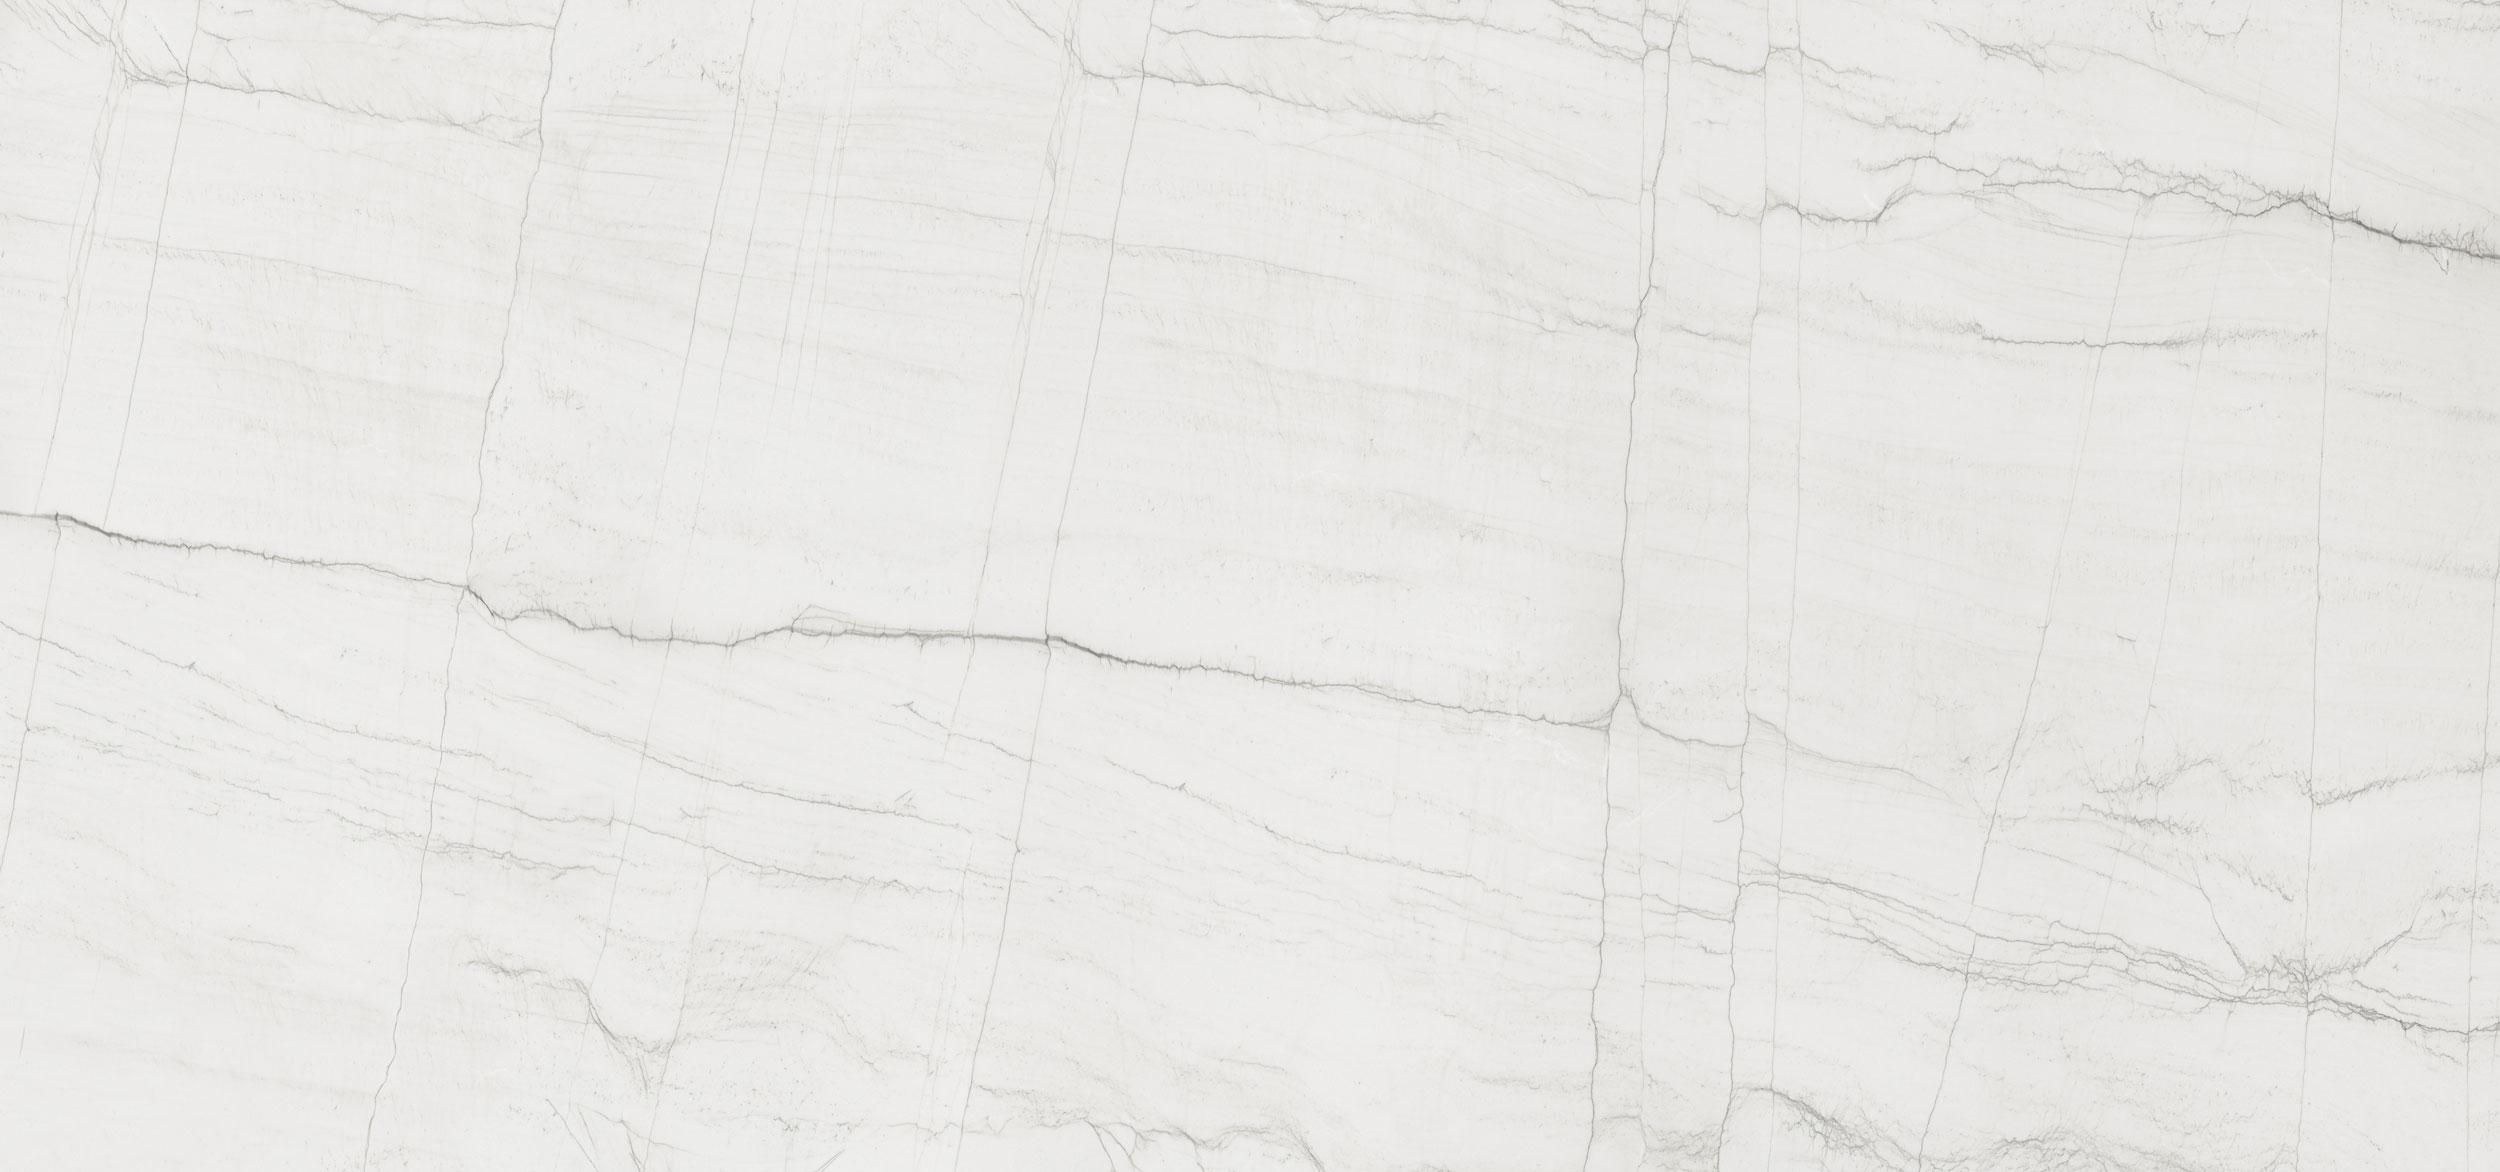 Plan de travail en néolith mont blanc. distributeur france, fournisseur exclusif france. Cuisine en néolith, salle de bain en néolith, sol en néolith, direct néolith. livraison partout en france, livraison sur paris, livraison département 75, livraison département 77, département 78, département 80, département 60,département 10